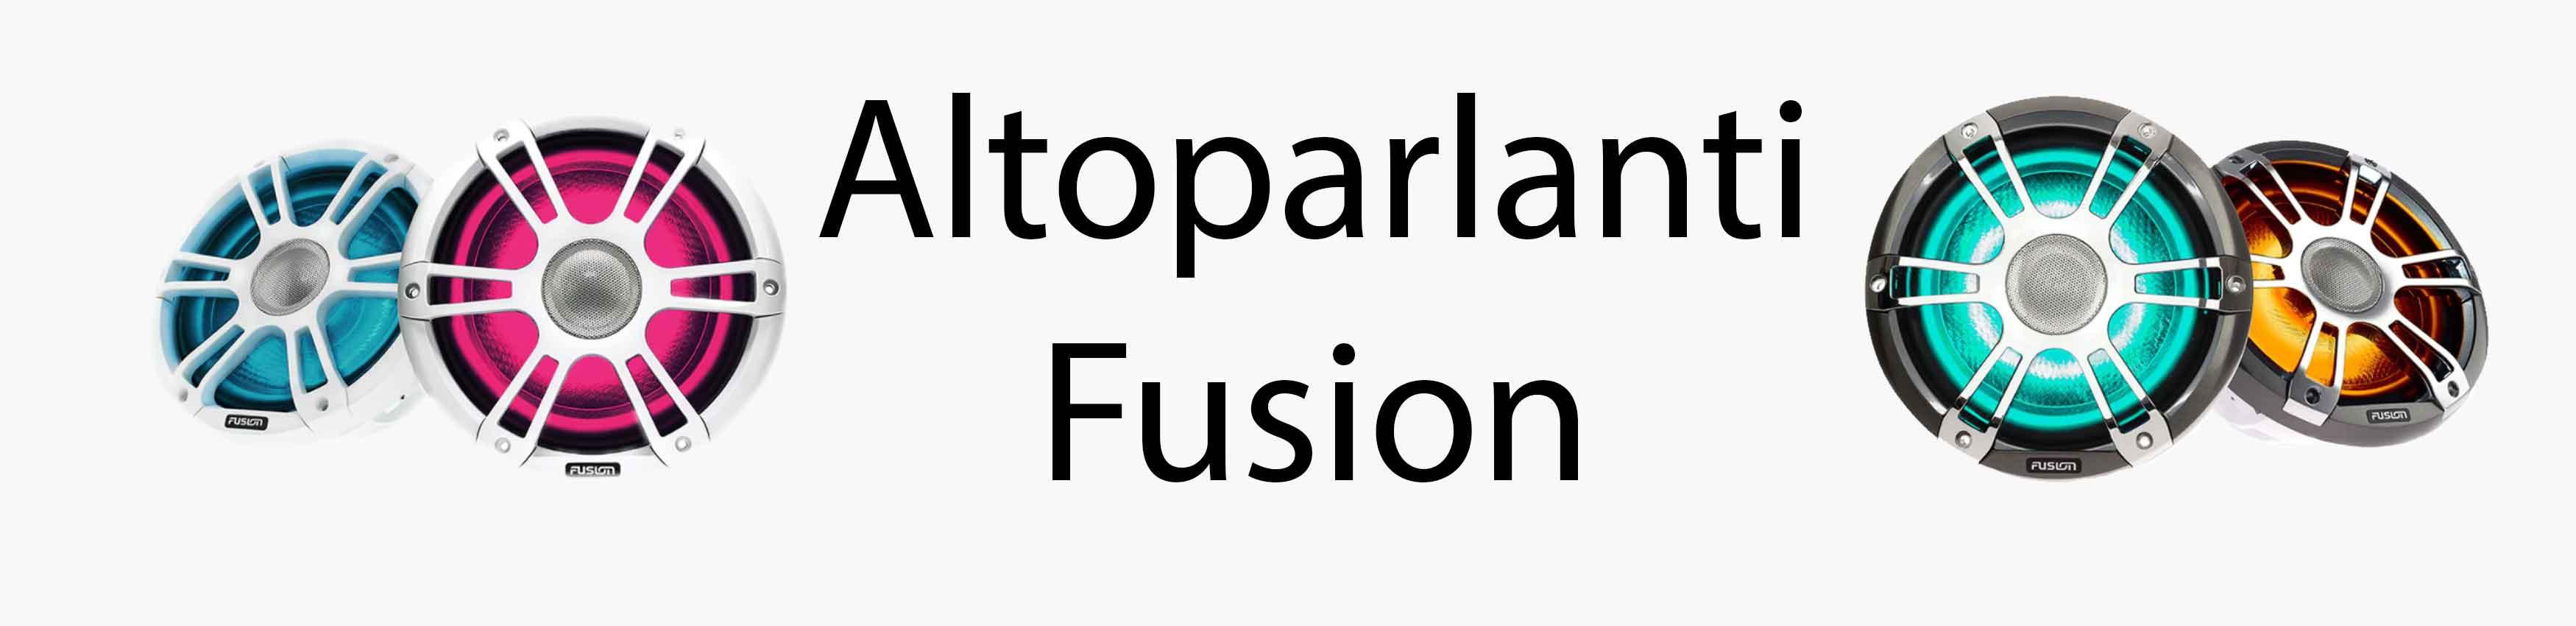 Altoparlanti Fusion